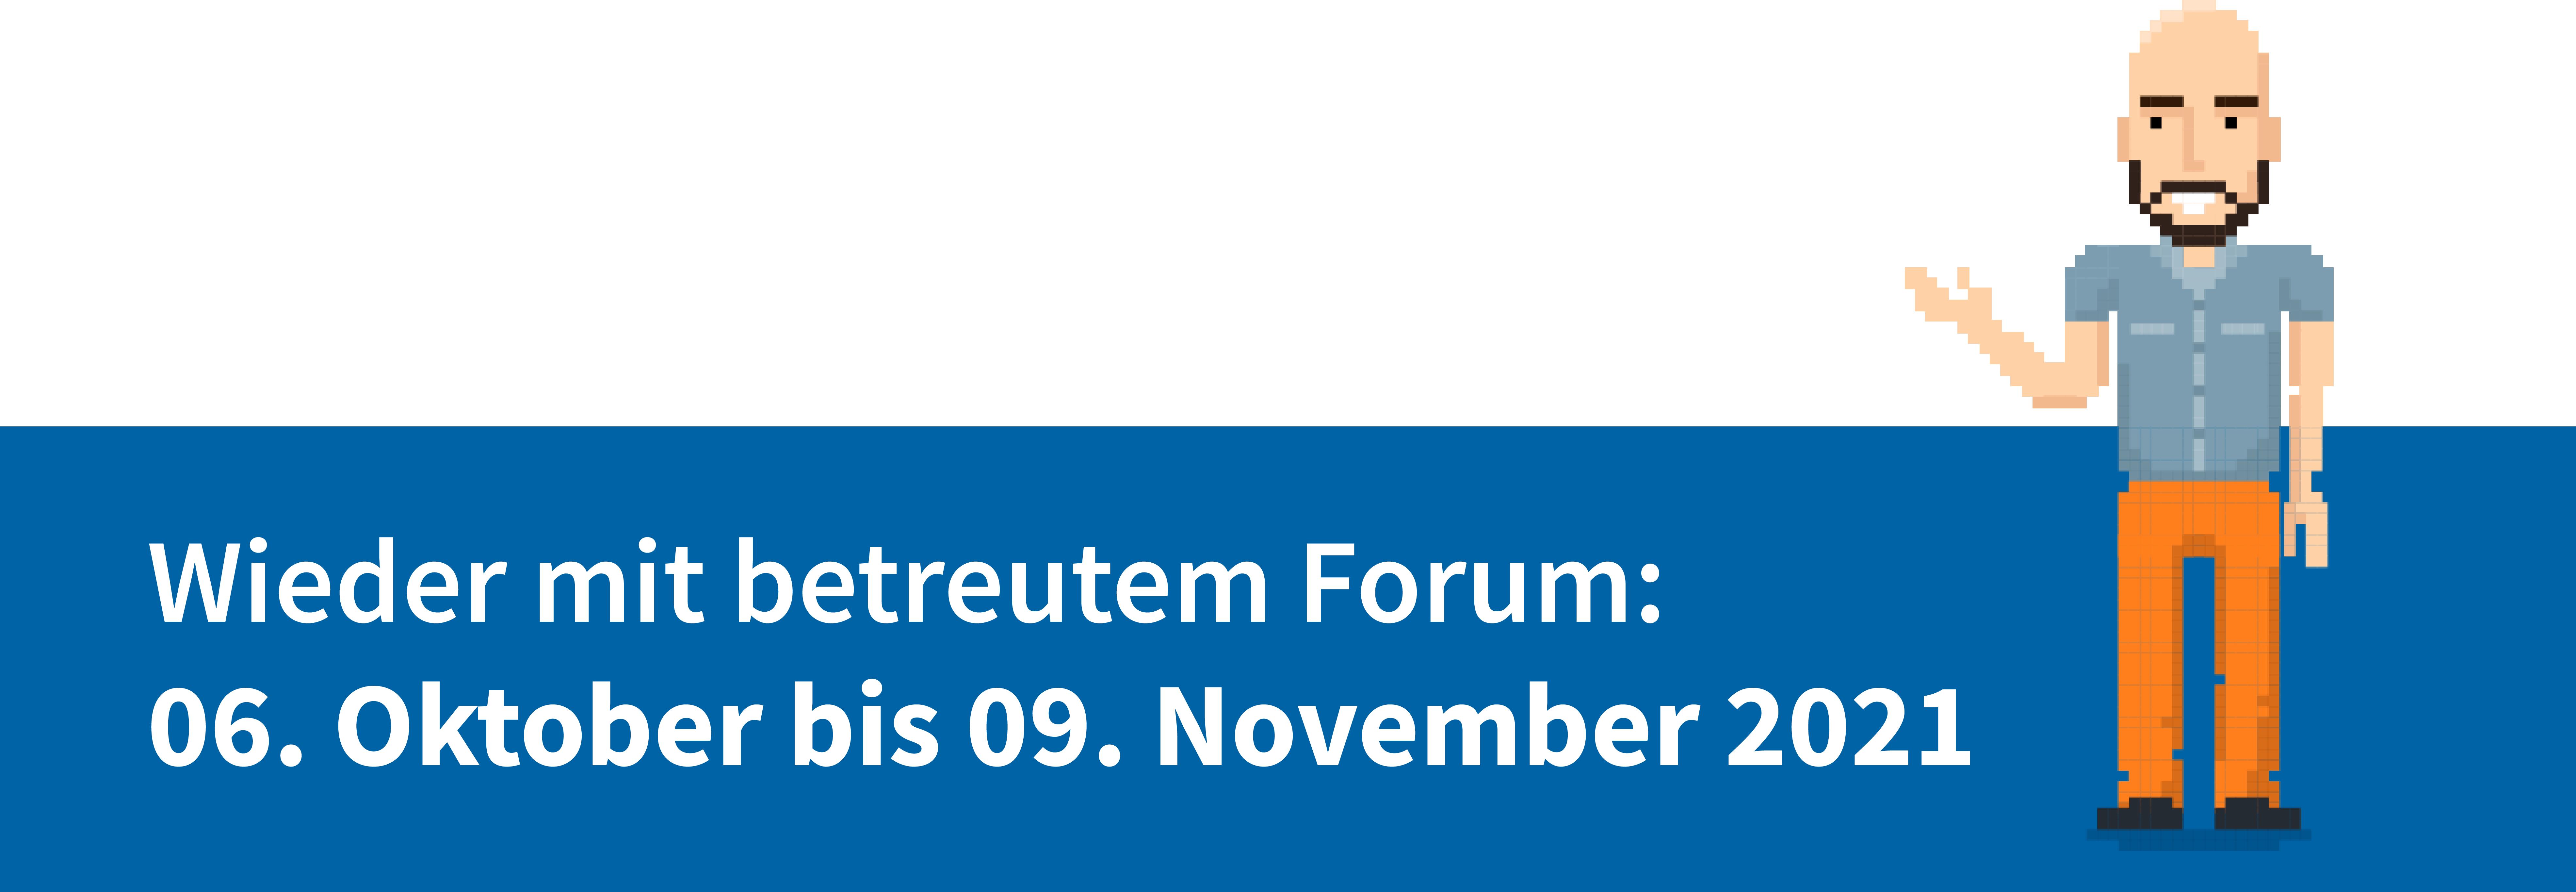 Informationsgrafik mit Avatar von Fares Kayali: Die Forumsbetreuung findet von 6. Oktober bis 9. November wieder statt.